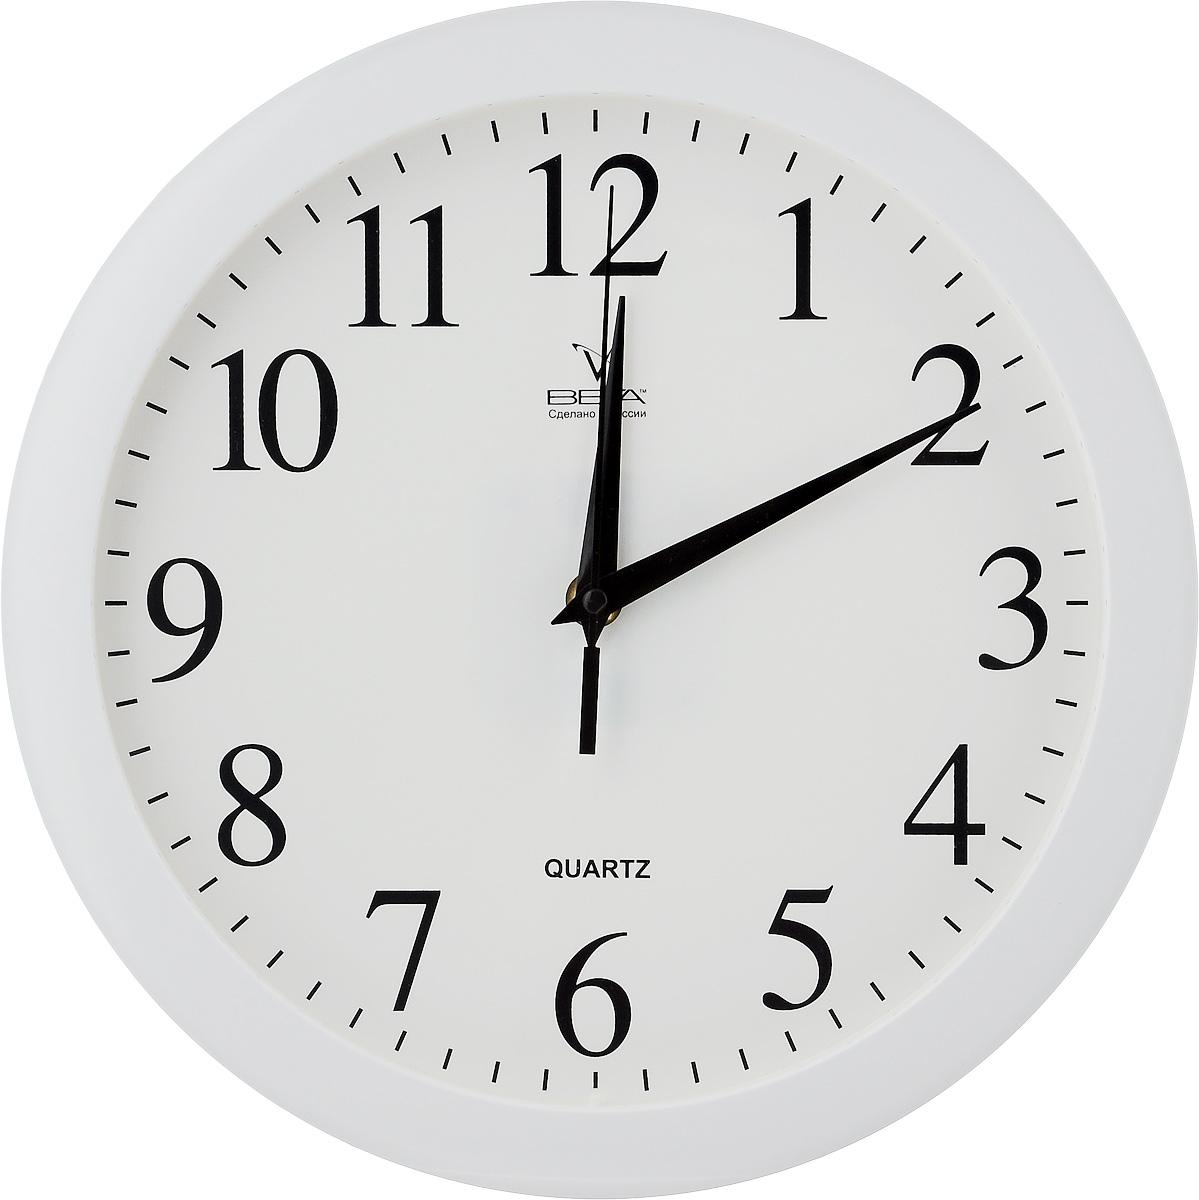 Часы настенные Вега Классика, цвет: белый, диаметр 28,5 см. П1-7П1-7/7-7Настенные кварцевые часы Вега Классика, изготовленные из пластика, прекрасно впишутся в интерьер вашего дома. Круглые часы имеют три стрелки: часовую, минутную и секундную, циферблат защищен прозрачным стеклом. Часы работают от 1 батарейки типа АА напряжением 1,5 В (не входит в комплект). Диаметр часов: 28,5 см.